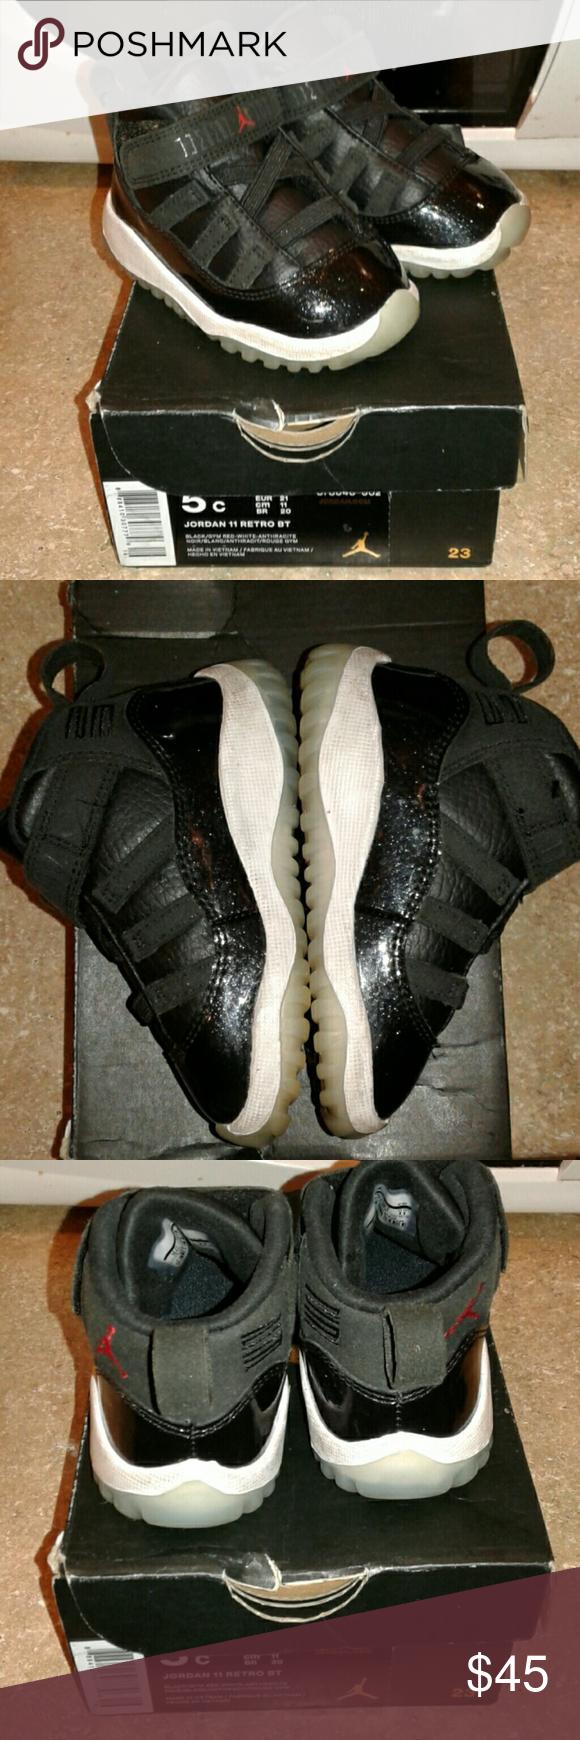 Retro Jordan 11s Size 5c Excellent Used Condition Jordan 11 Size 5c Jordan Shoes Sneakers